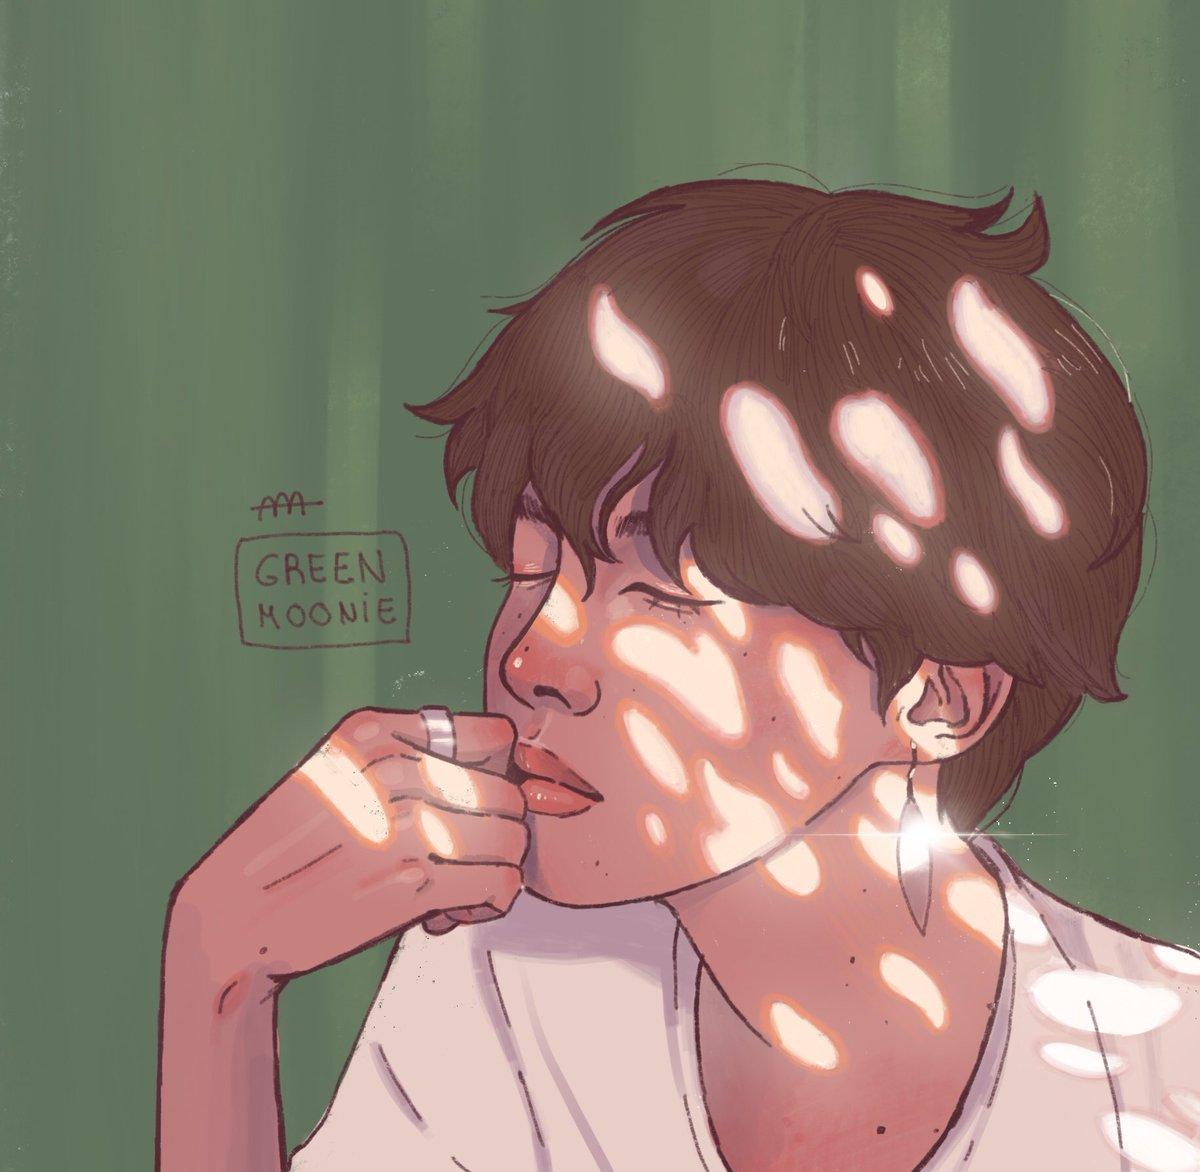 freckled hobi under the sun  #bts #btsfanart #hoseok<br>http://pic.twitter.com/sTLKuArjsE